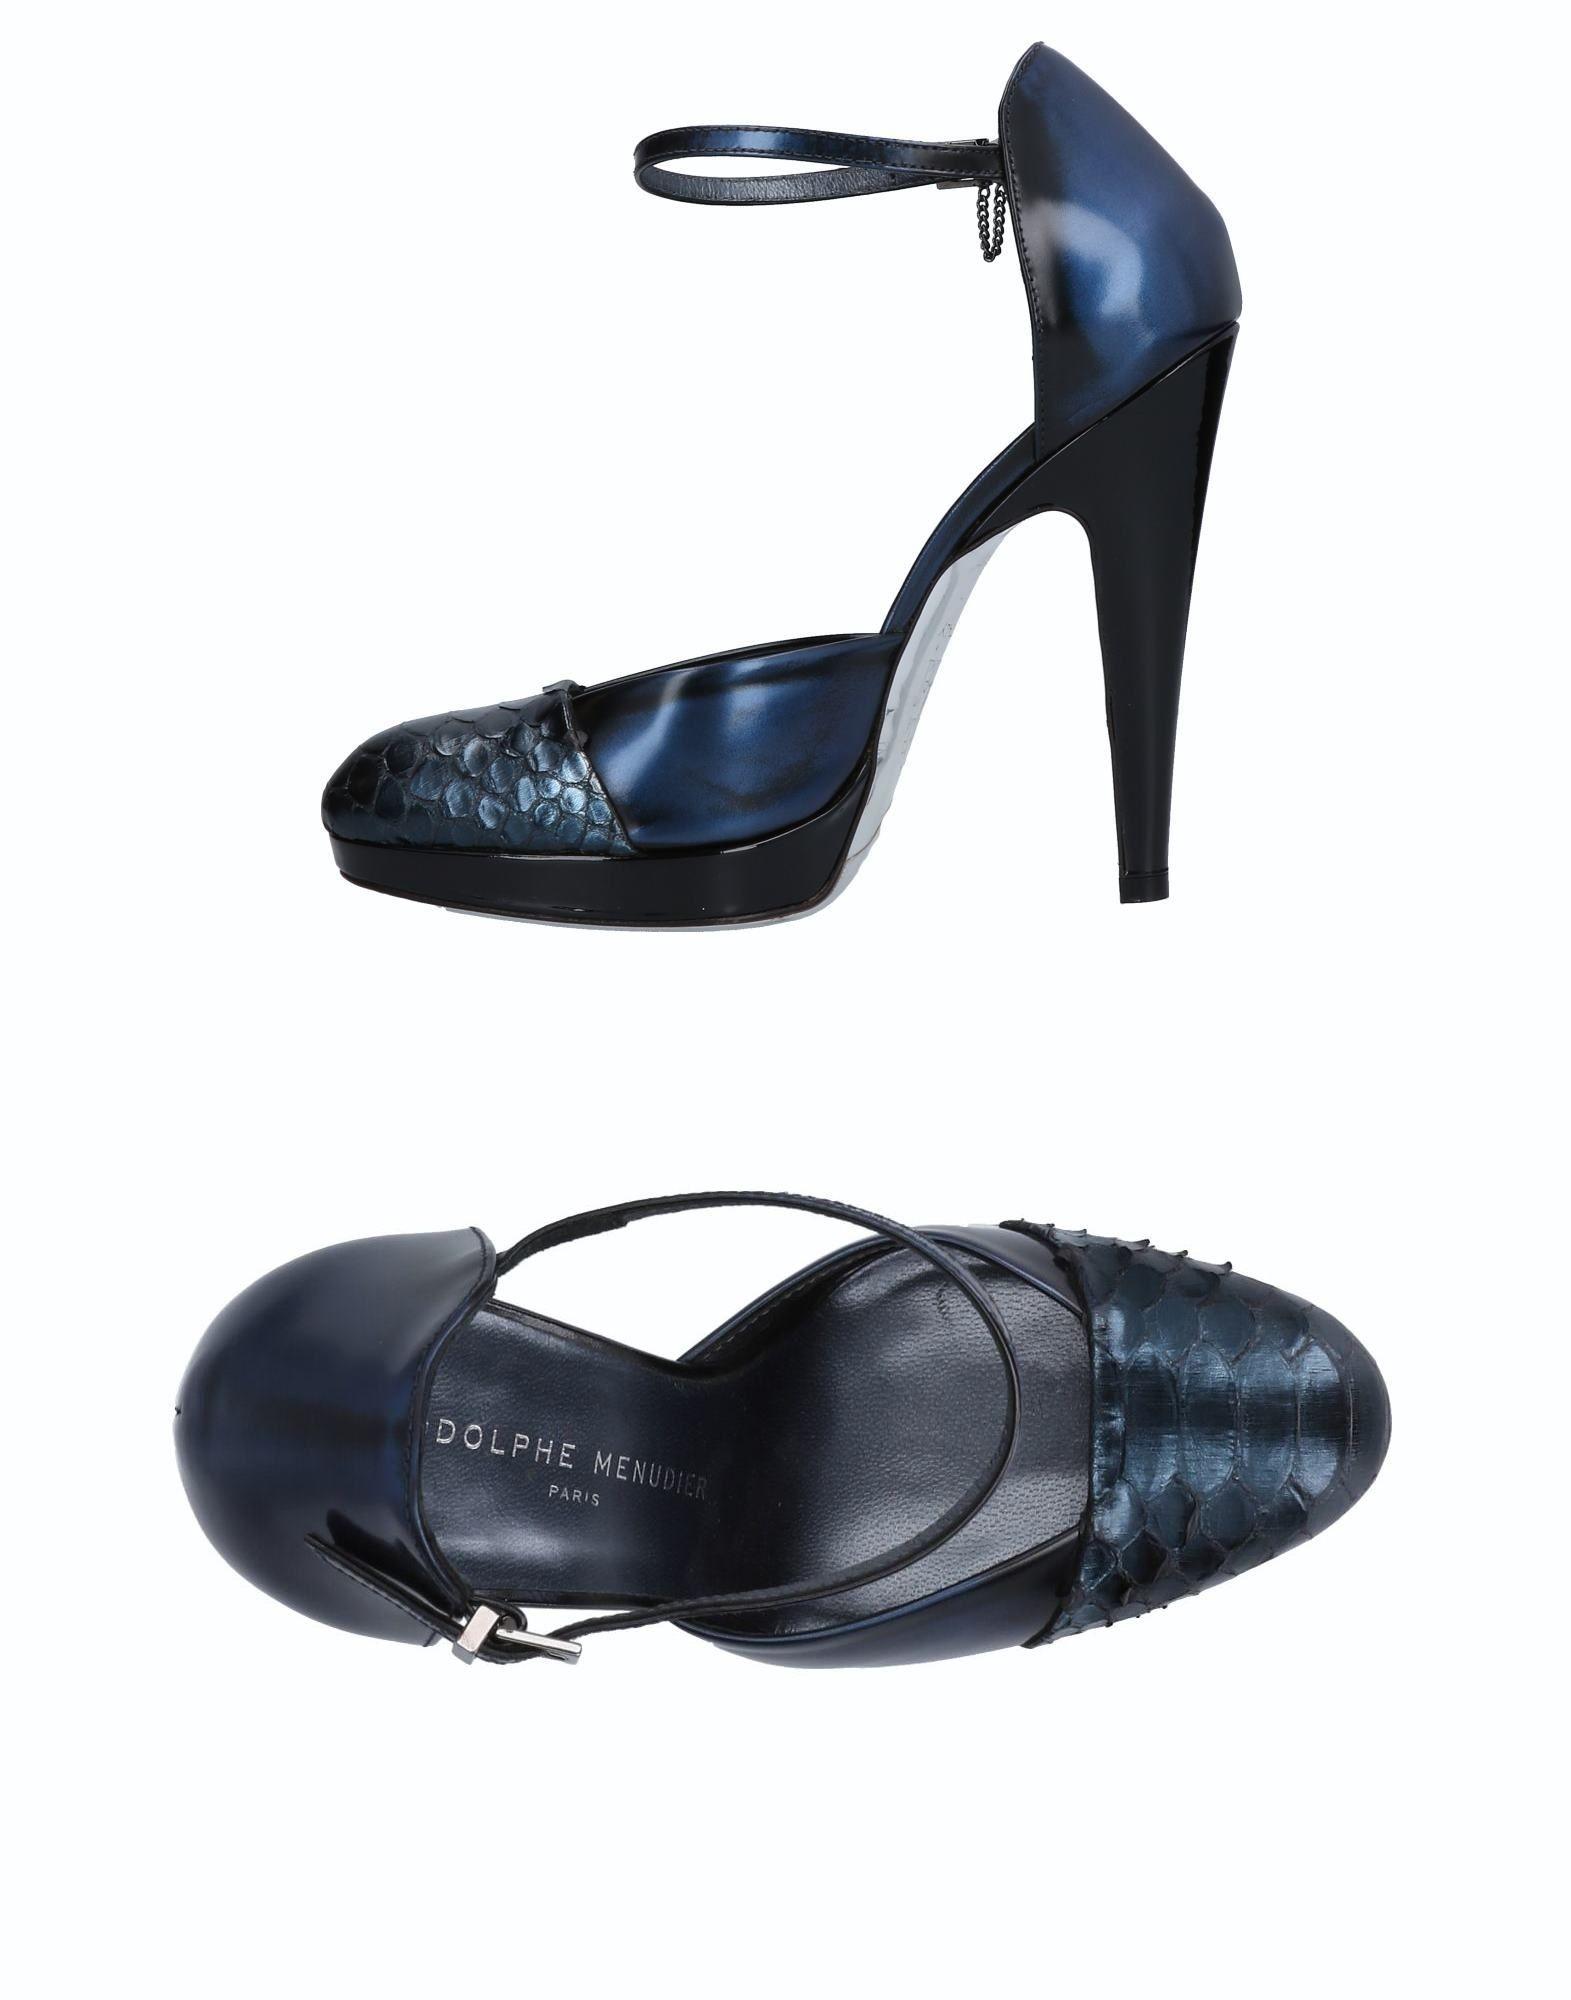 Rodolphe Damen Menudier Pumps Damen Rodolphe  11512647VC Beliebte Schuhe d54304